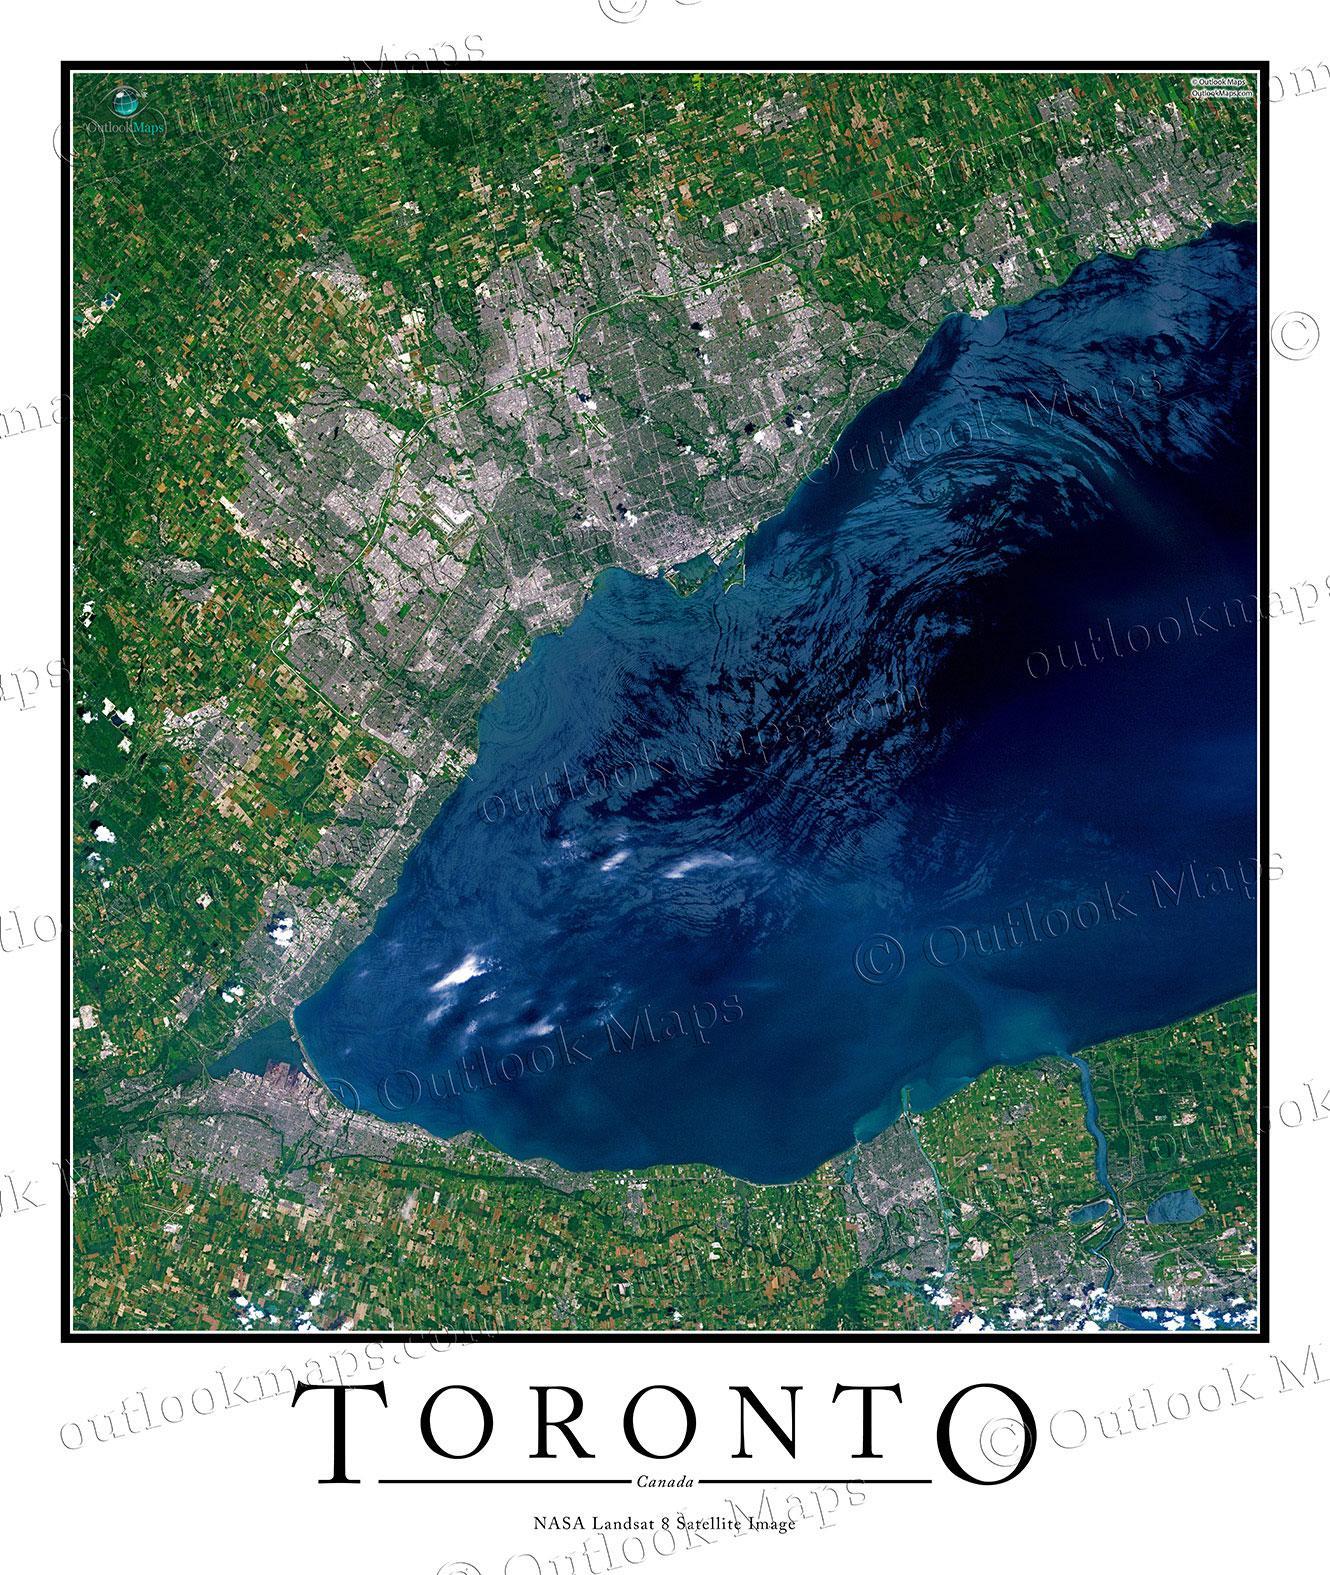 Toronto Ontario Jarvelle Satelliitti Kartta Kartta Toronto